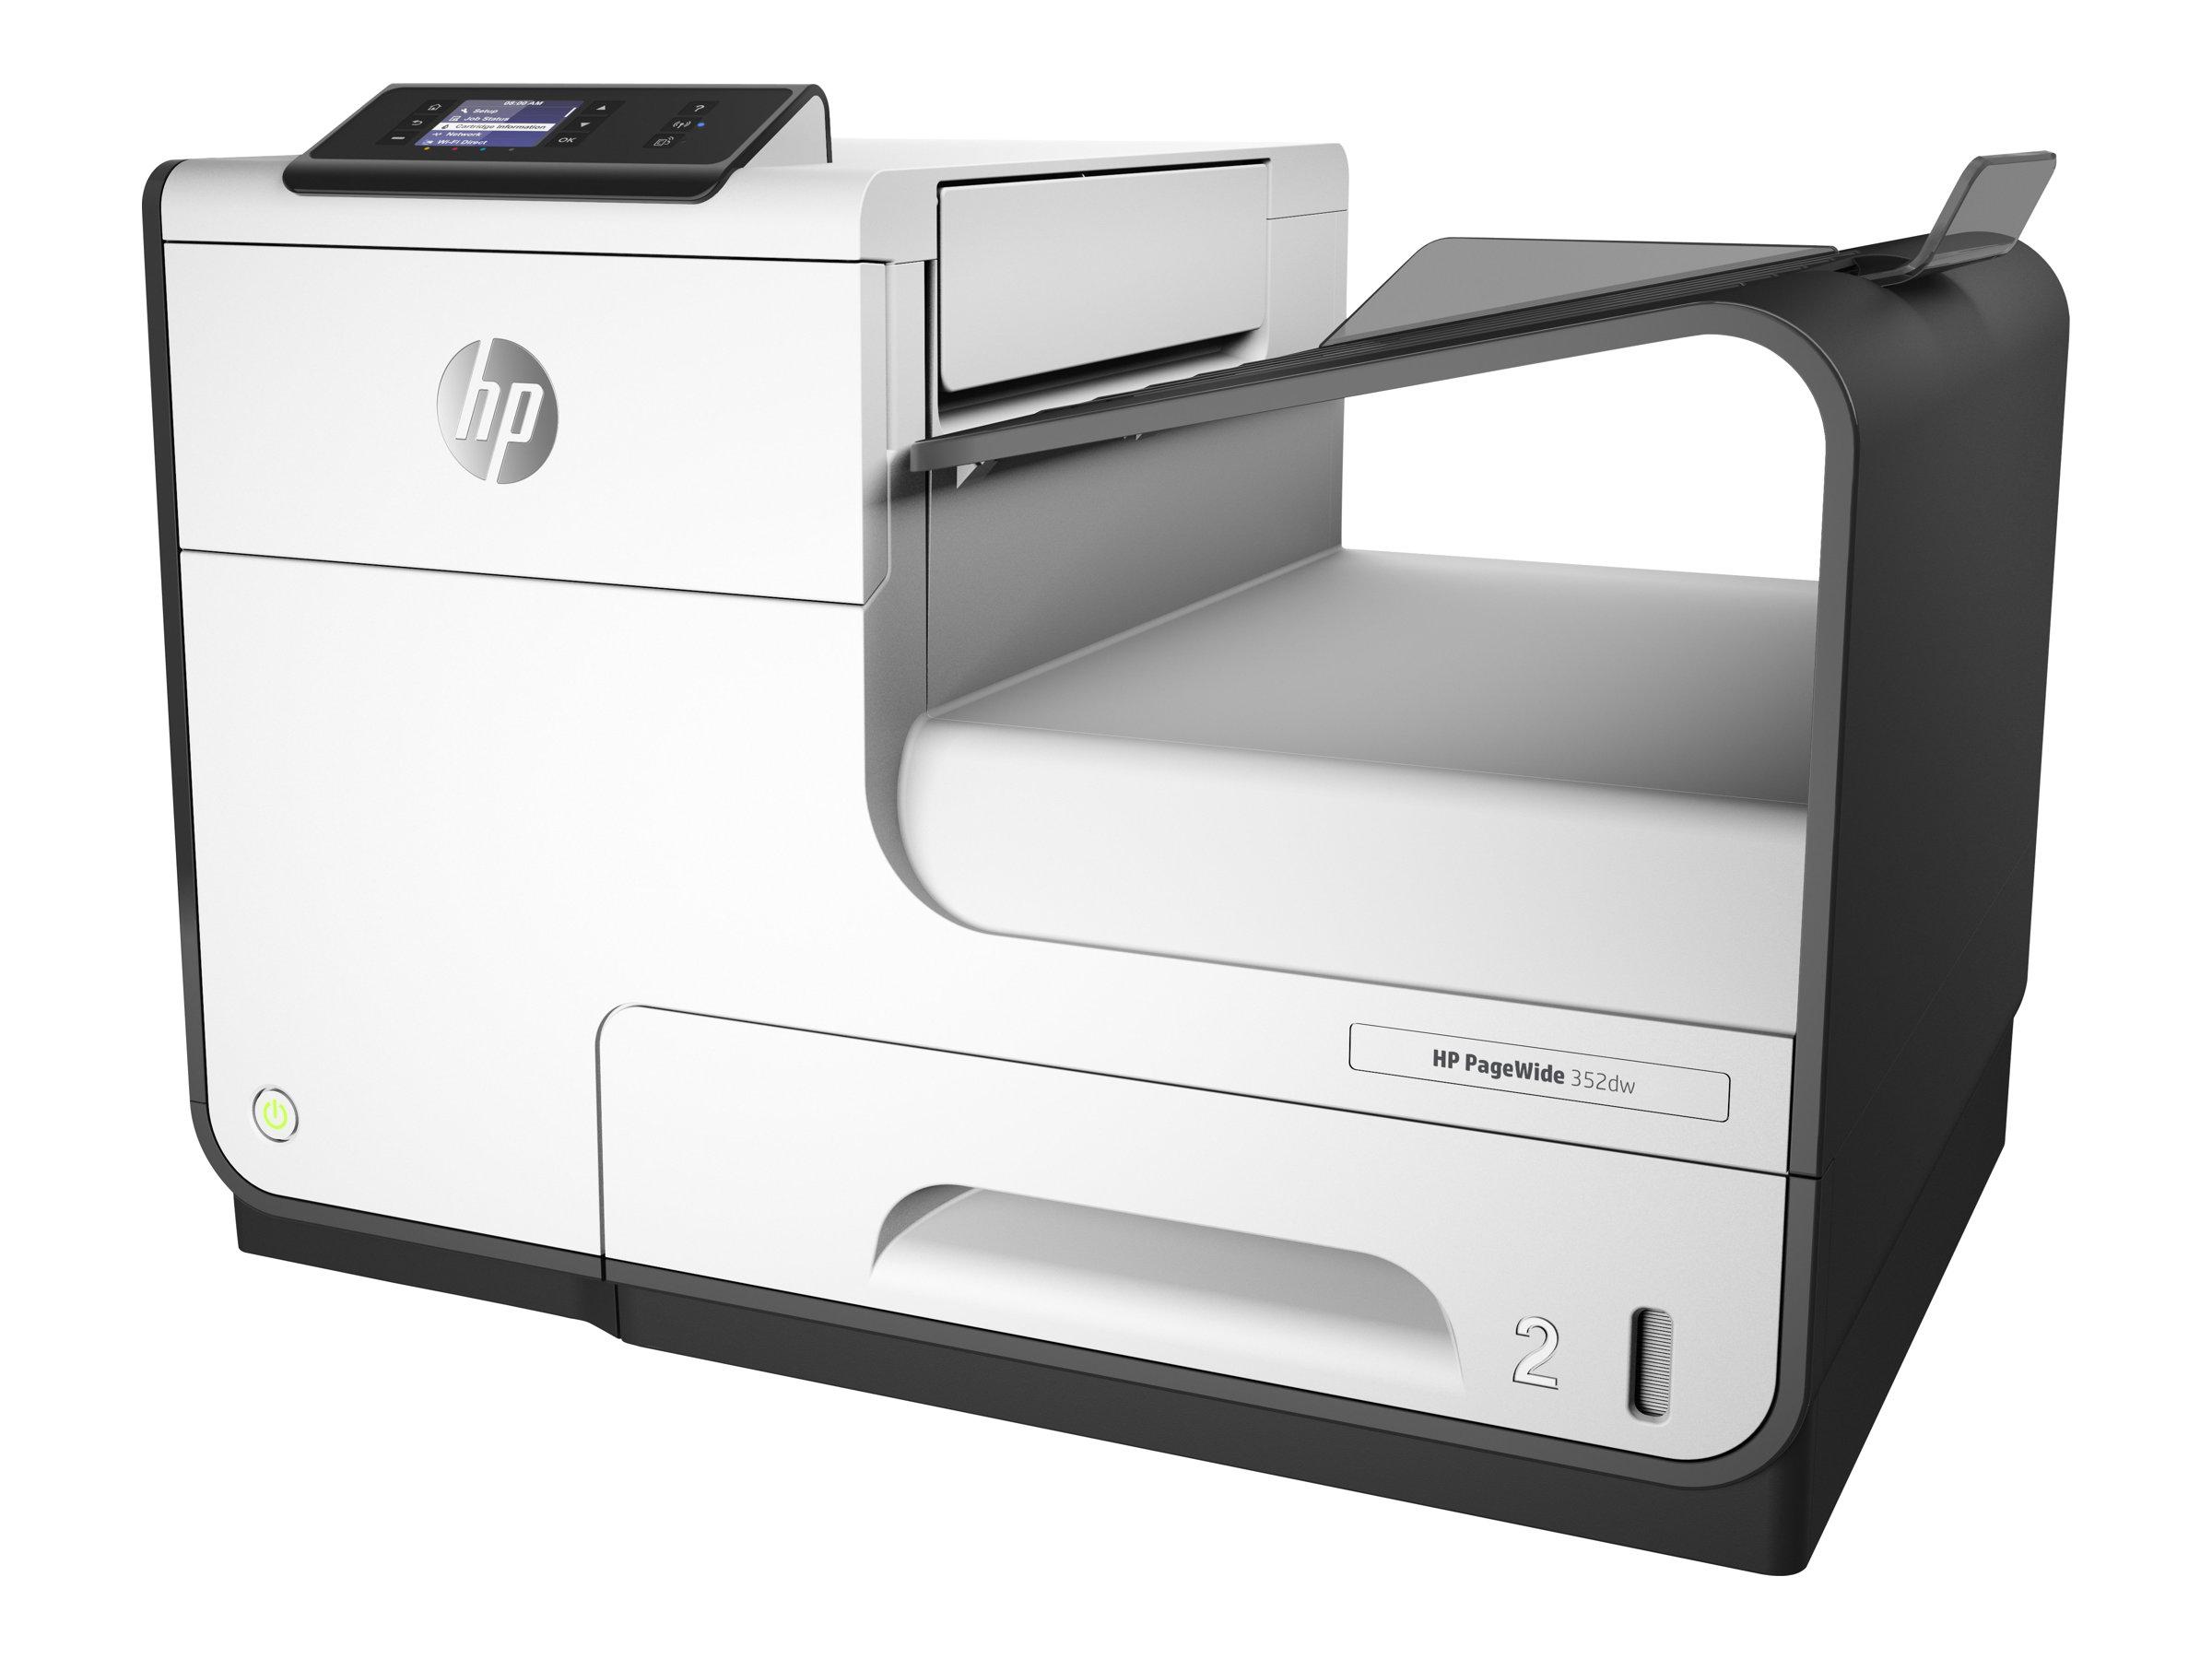 HP PageWide 352dw - Drucker - Farbe - Duplex - seitenbreite Palette - A4/Legal